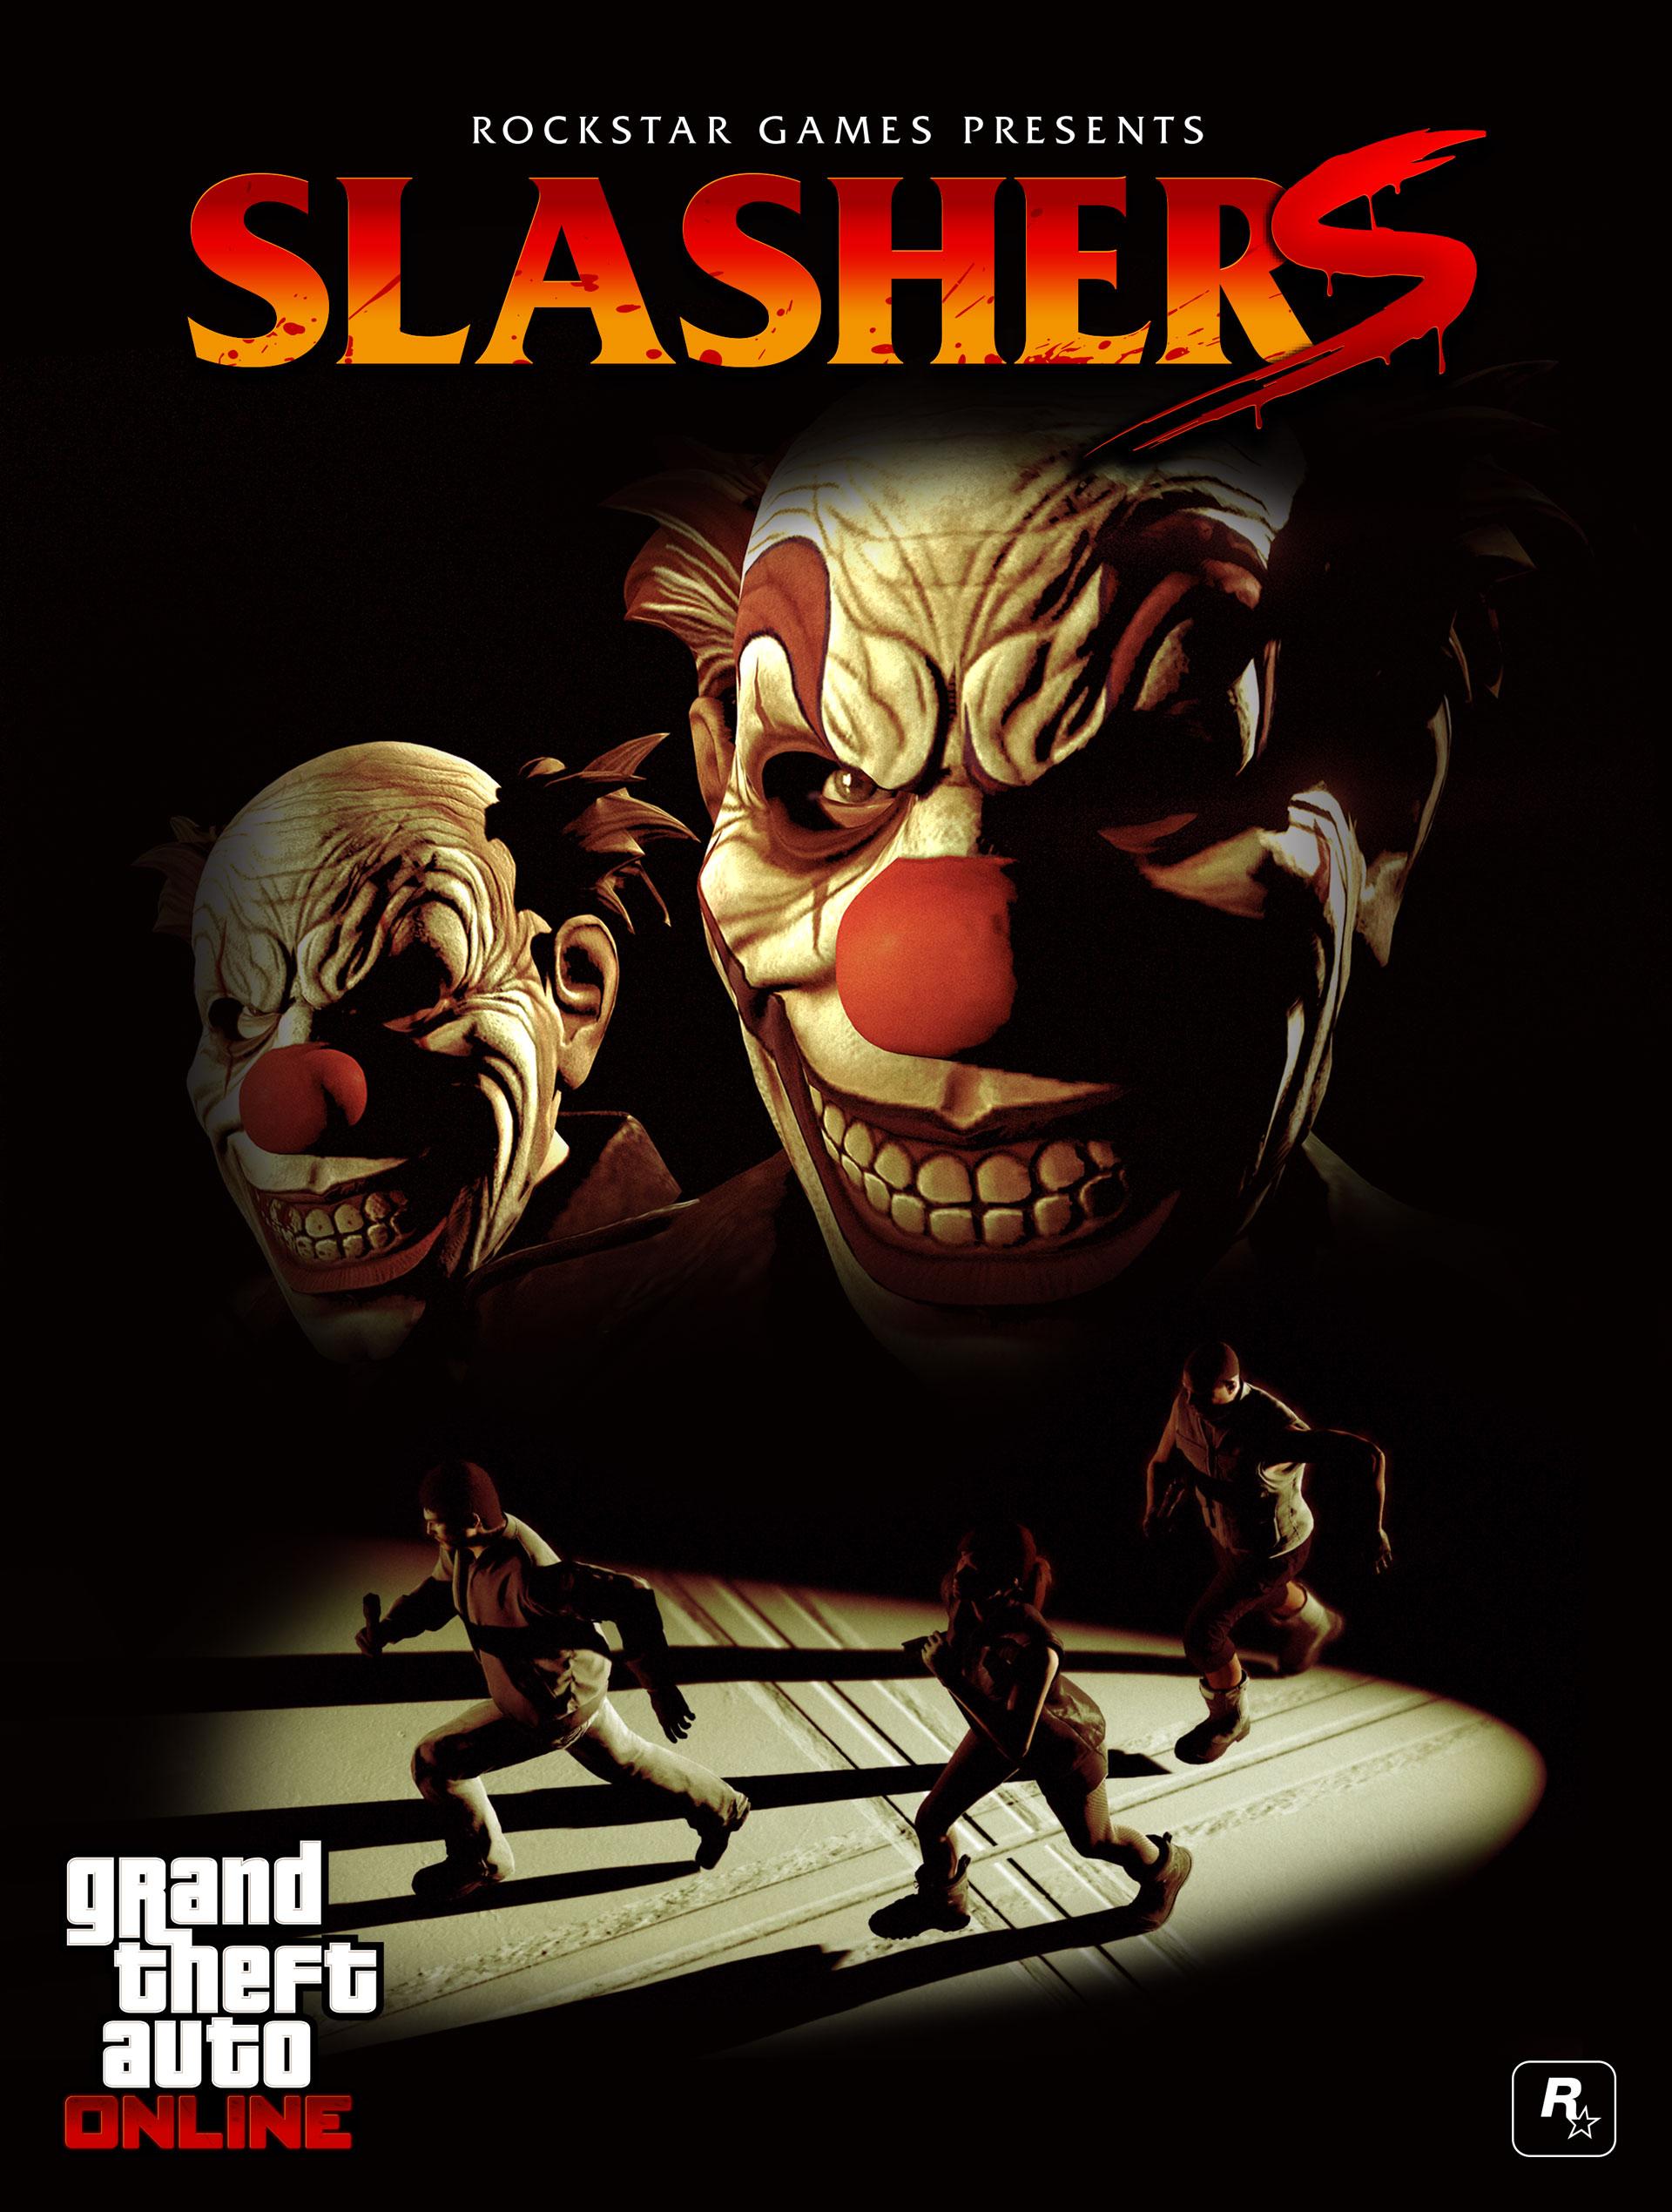 GTA Online Slashers